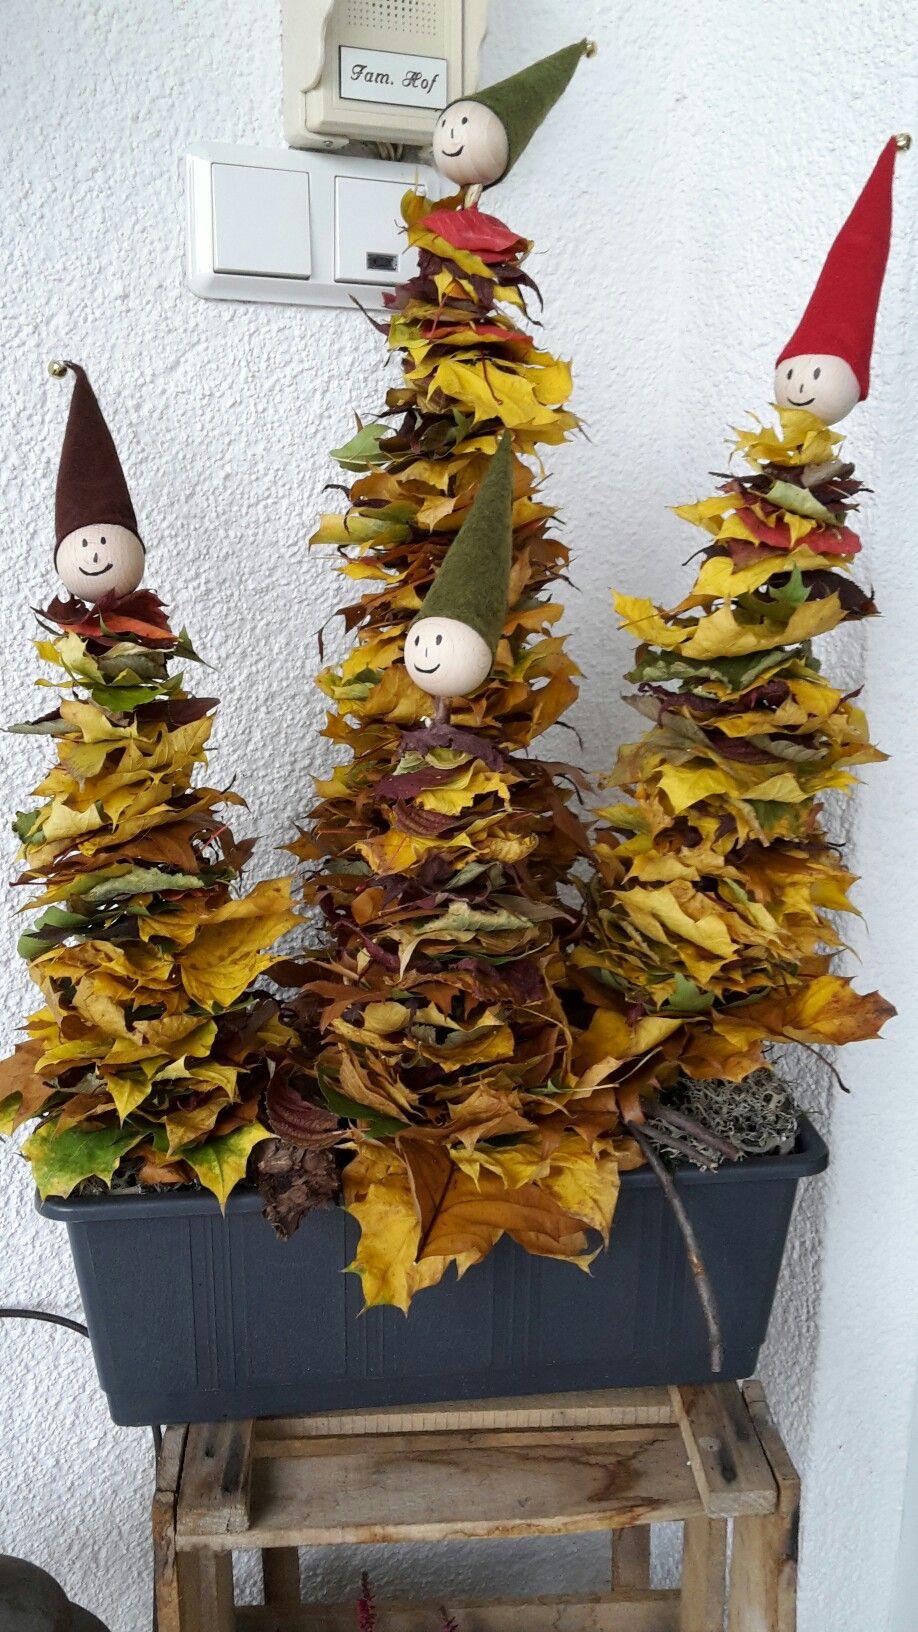 Blttermnnchen Basteln mit Kindern im Herbst  Bastelidee  Pinterest  Basteln mit kindern